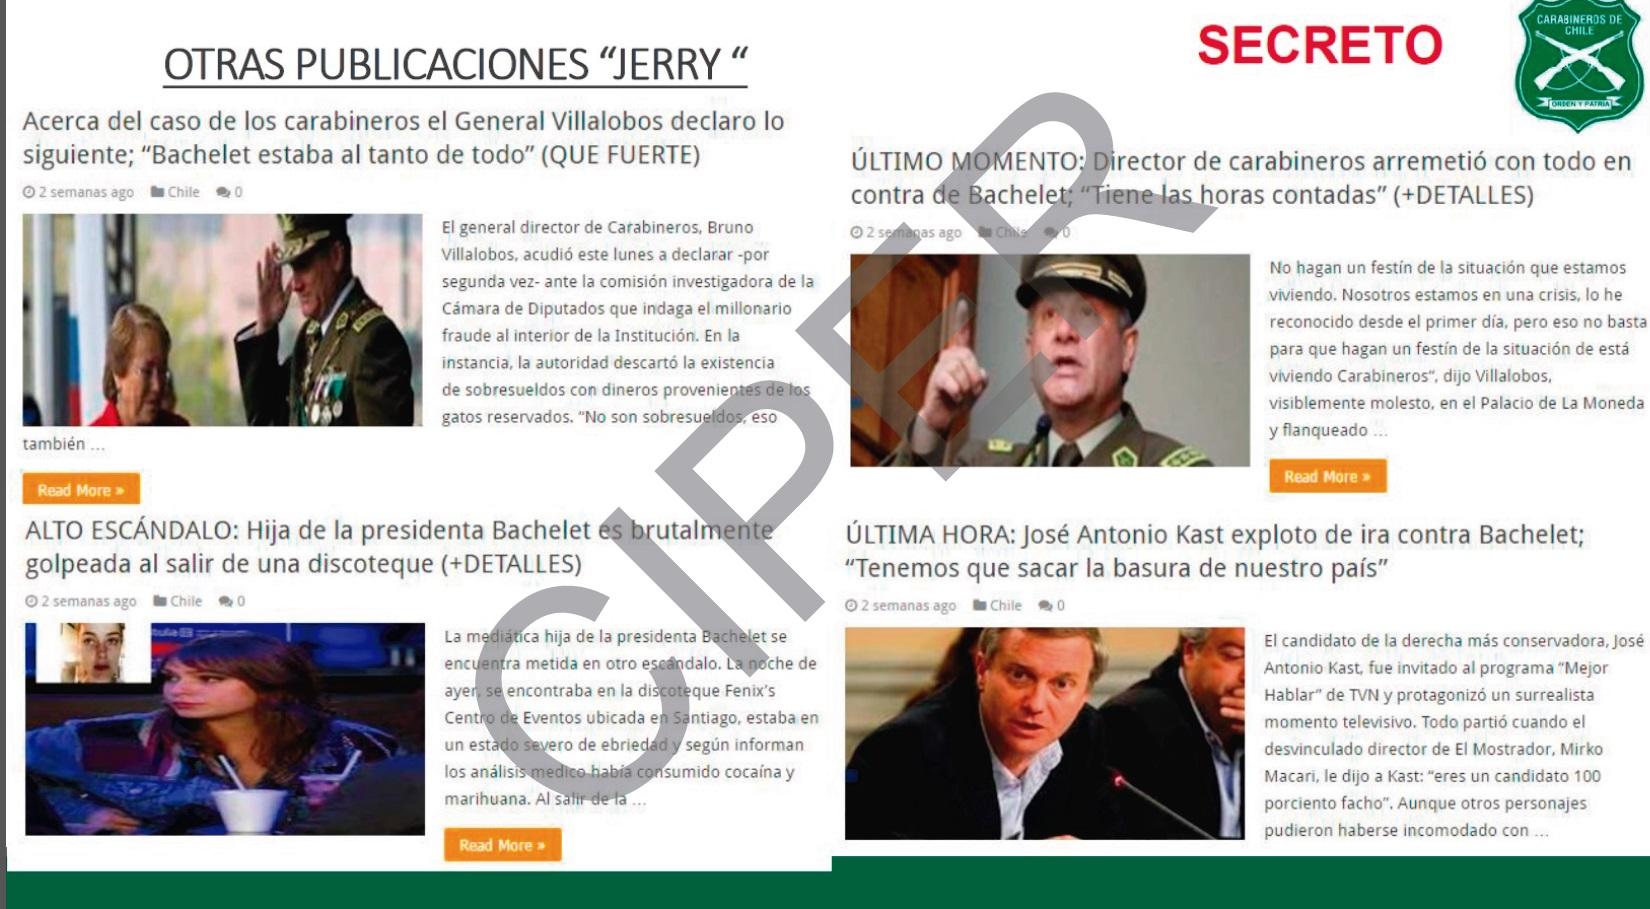 Pericias realizadas en la UIOE sobre noticias falsas publicadas en internet que mencionaban a Bruno Villalobos y a Michelle Bachelet